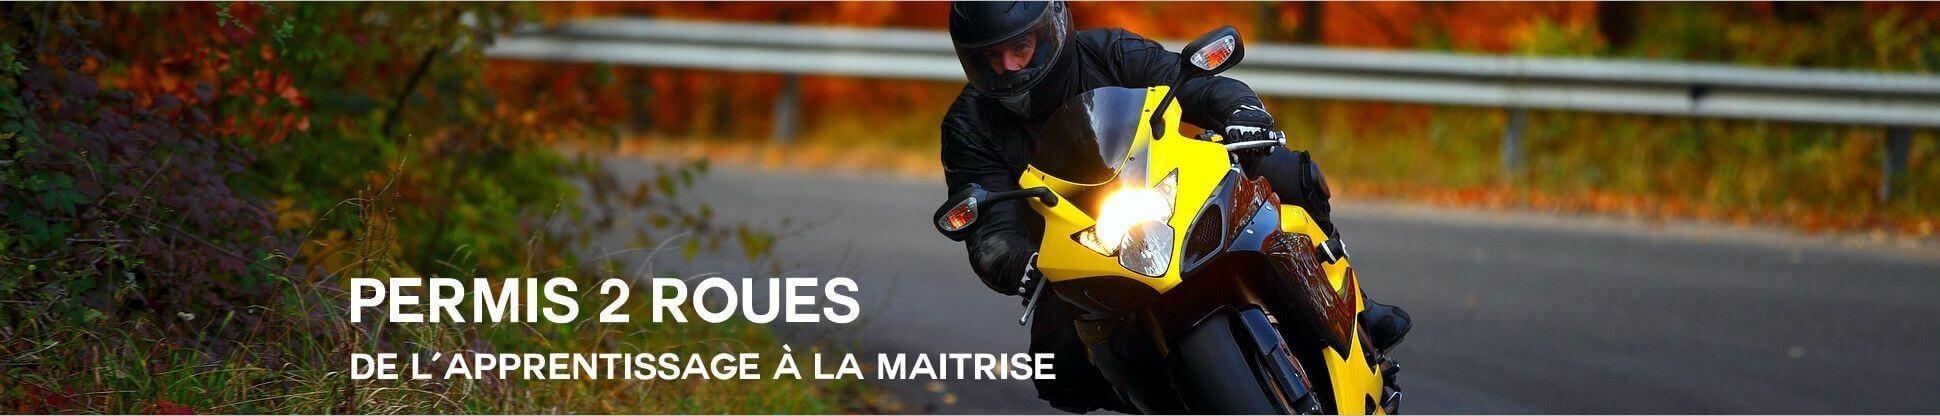 Permis moto auto-école des Victoires Boulogne-sur-mer